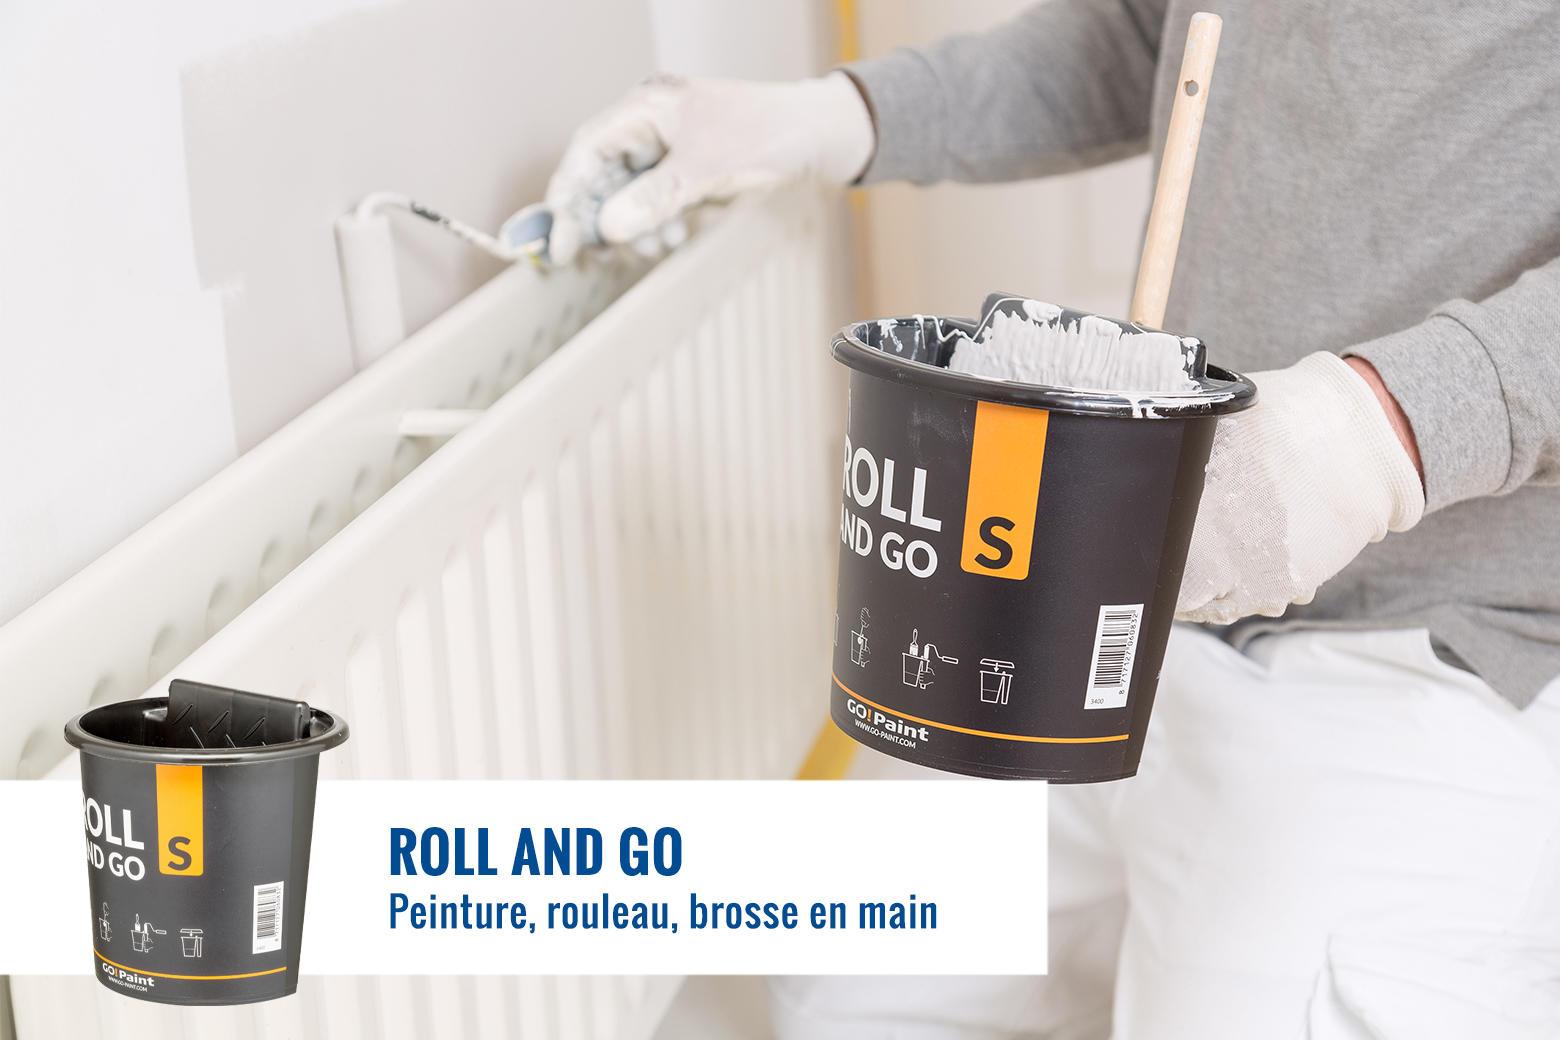 Idéal pour les travaux de peinture intensifs à des endroits difficiles d'accès, tels qu'éléments de bouée, placards de cuisine, bateaux, portes.